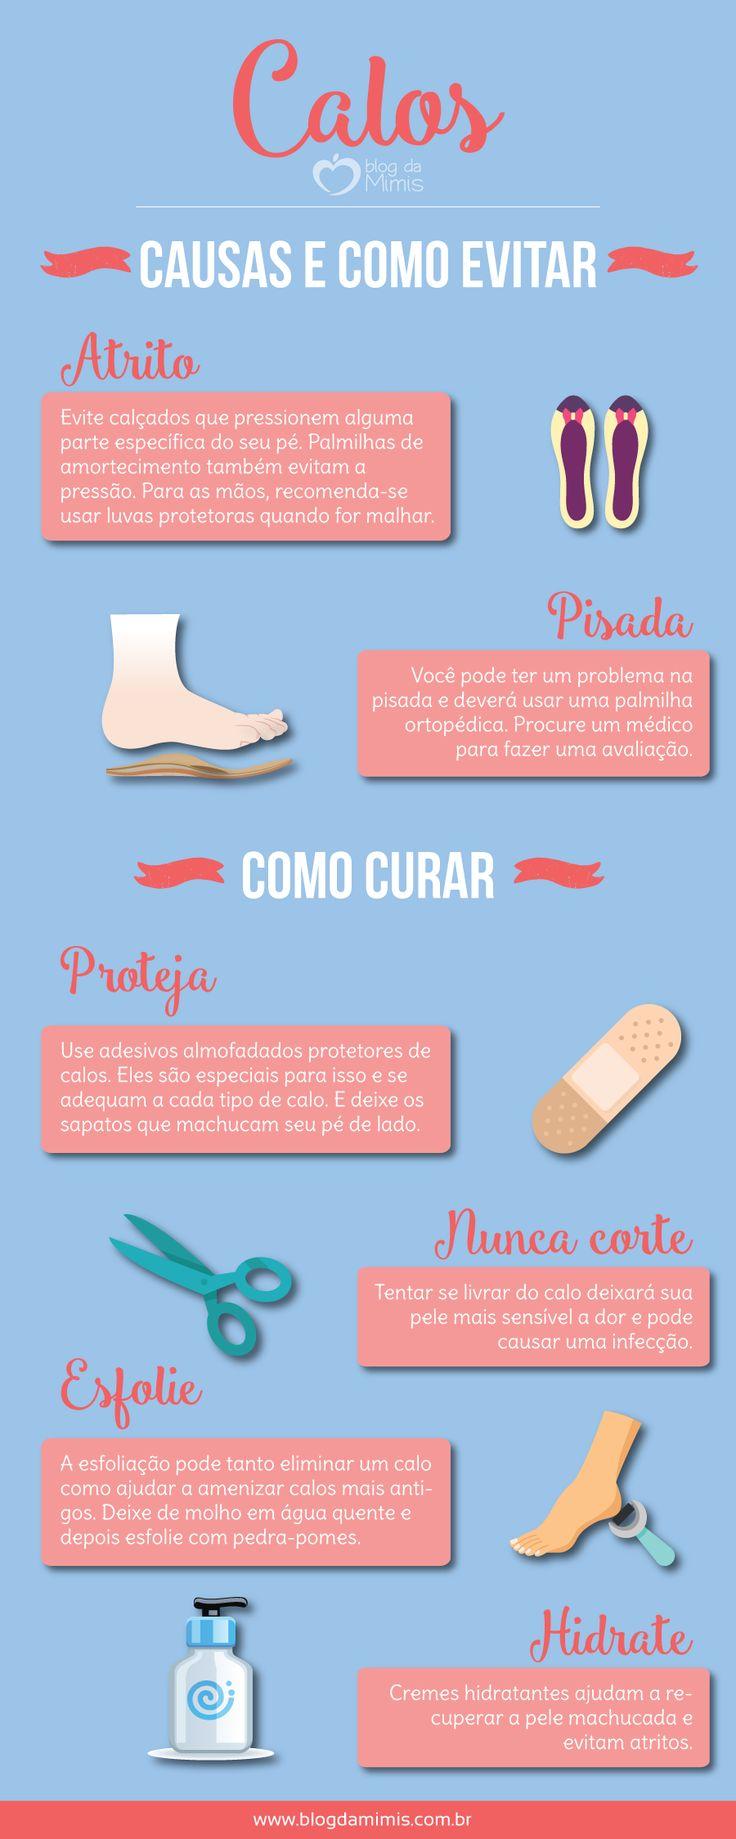 Truques caseiros para prevenir e tratar calos - Blog da Mimis #pés #mãos #atleta #caminhada #pisada #calos